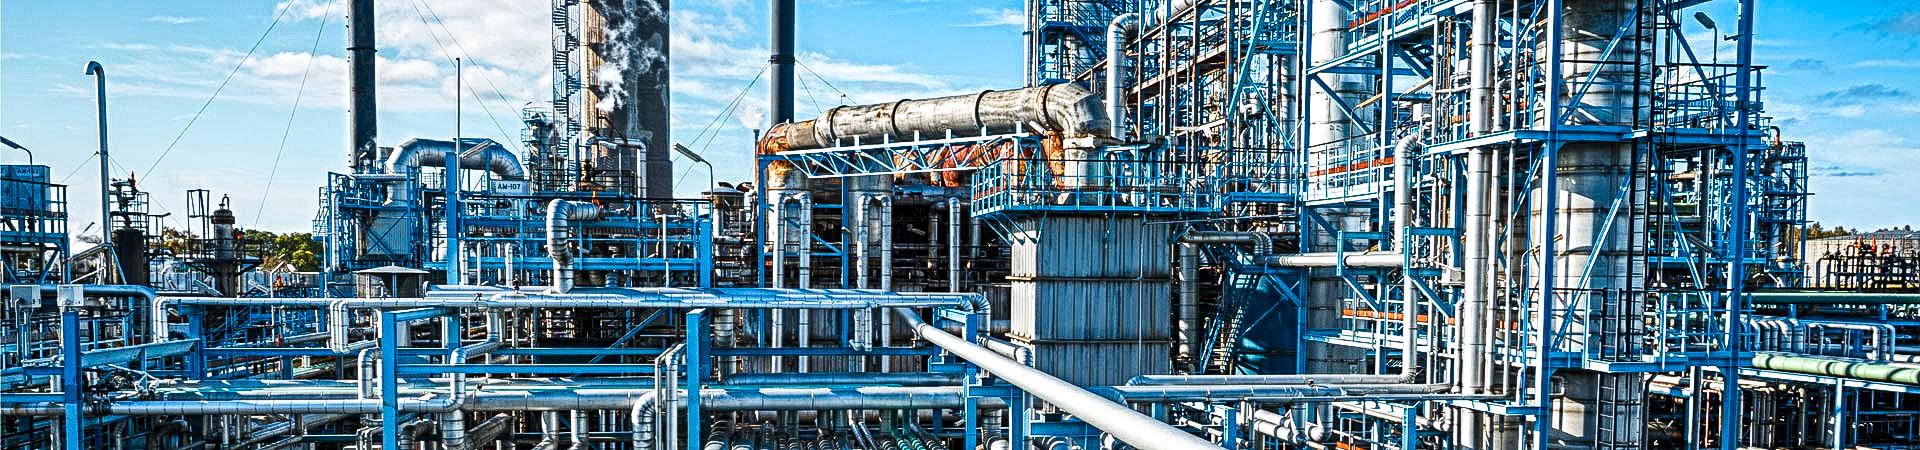 Wartung von Industrieanlagen IBE Industrieservice